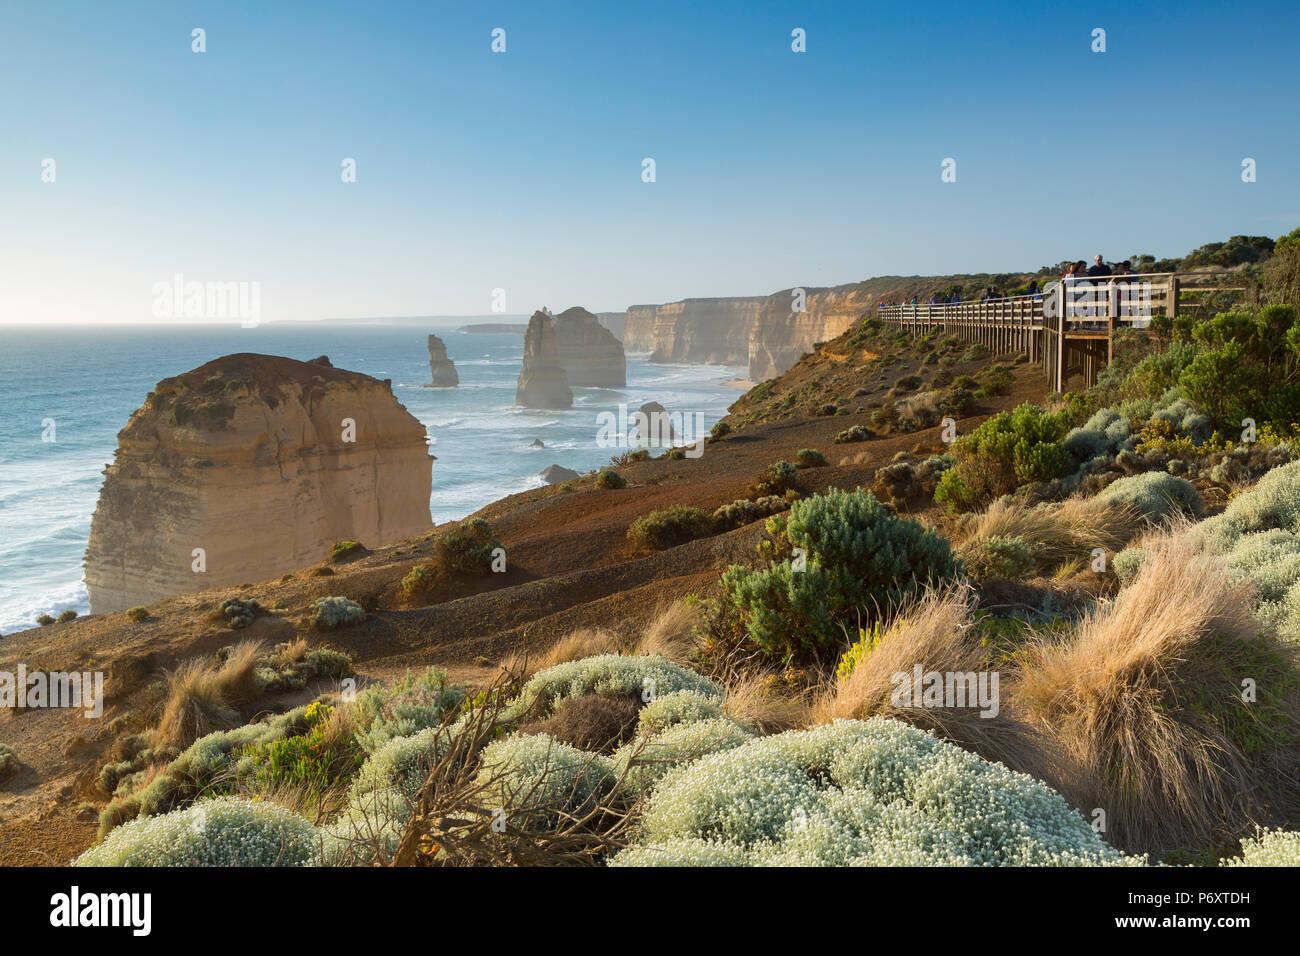 Dodici Apostoli, Parco Nazionale di Port Campbell, Great Ocean Road, Victoria, Australia Immagini Stock